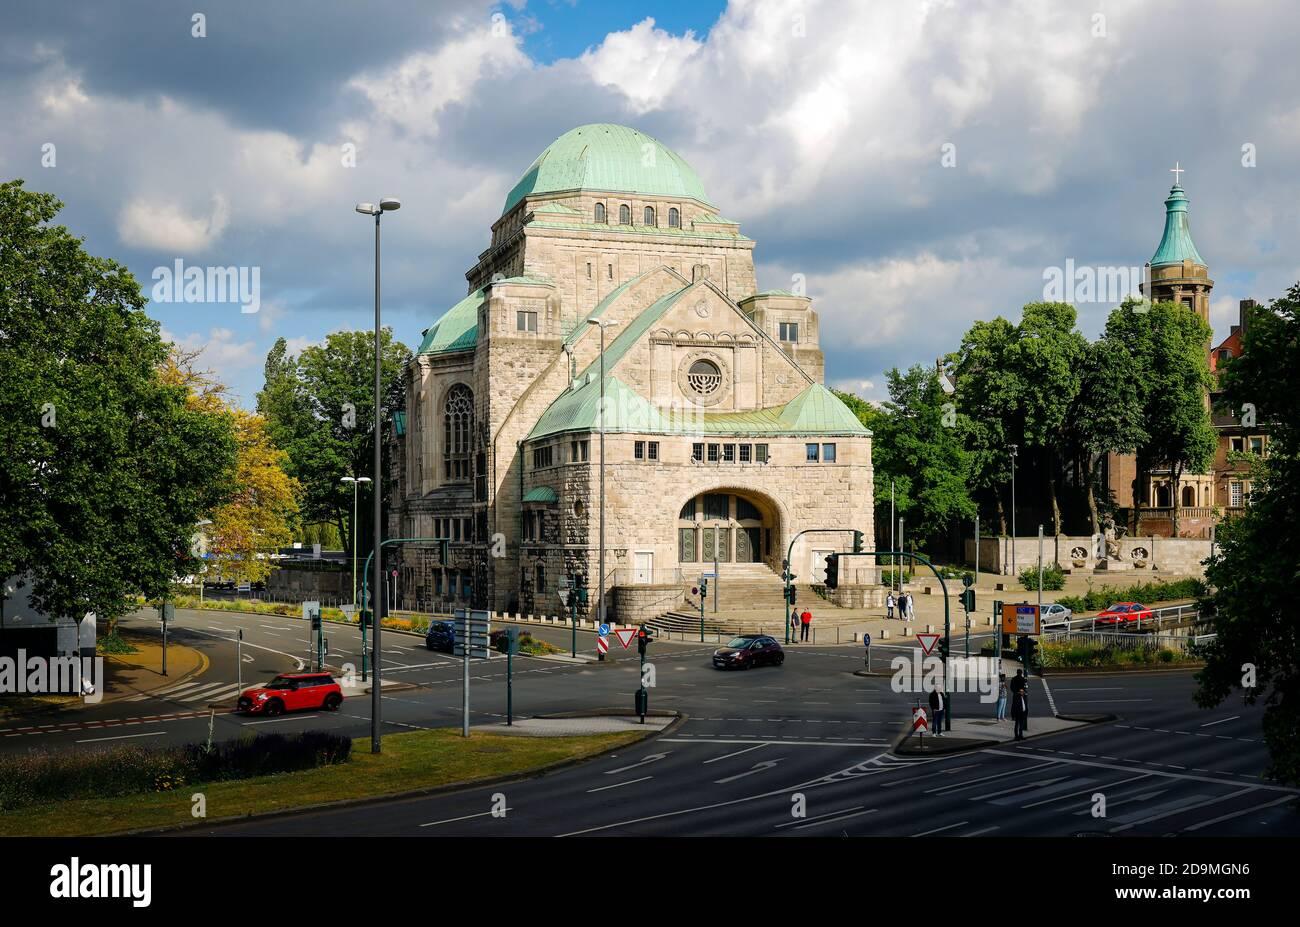 Alte Synagoge ist heute das Haus der jüdischen Kultur, Essen, Ruhrgebiet, Nordrhein-Westfalen, Deutschland Stockfoto